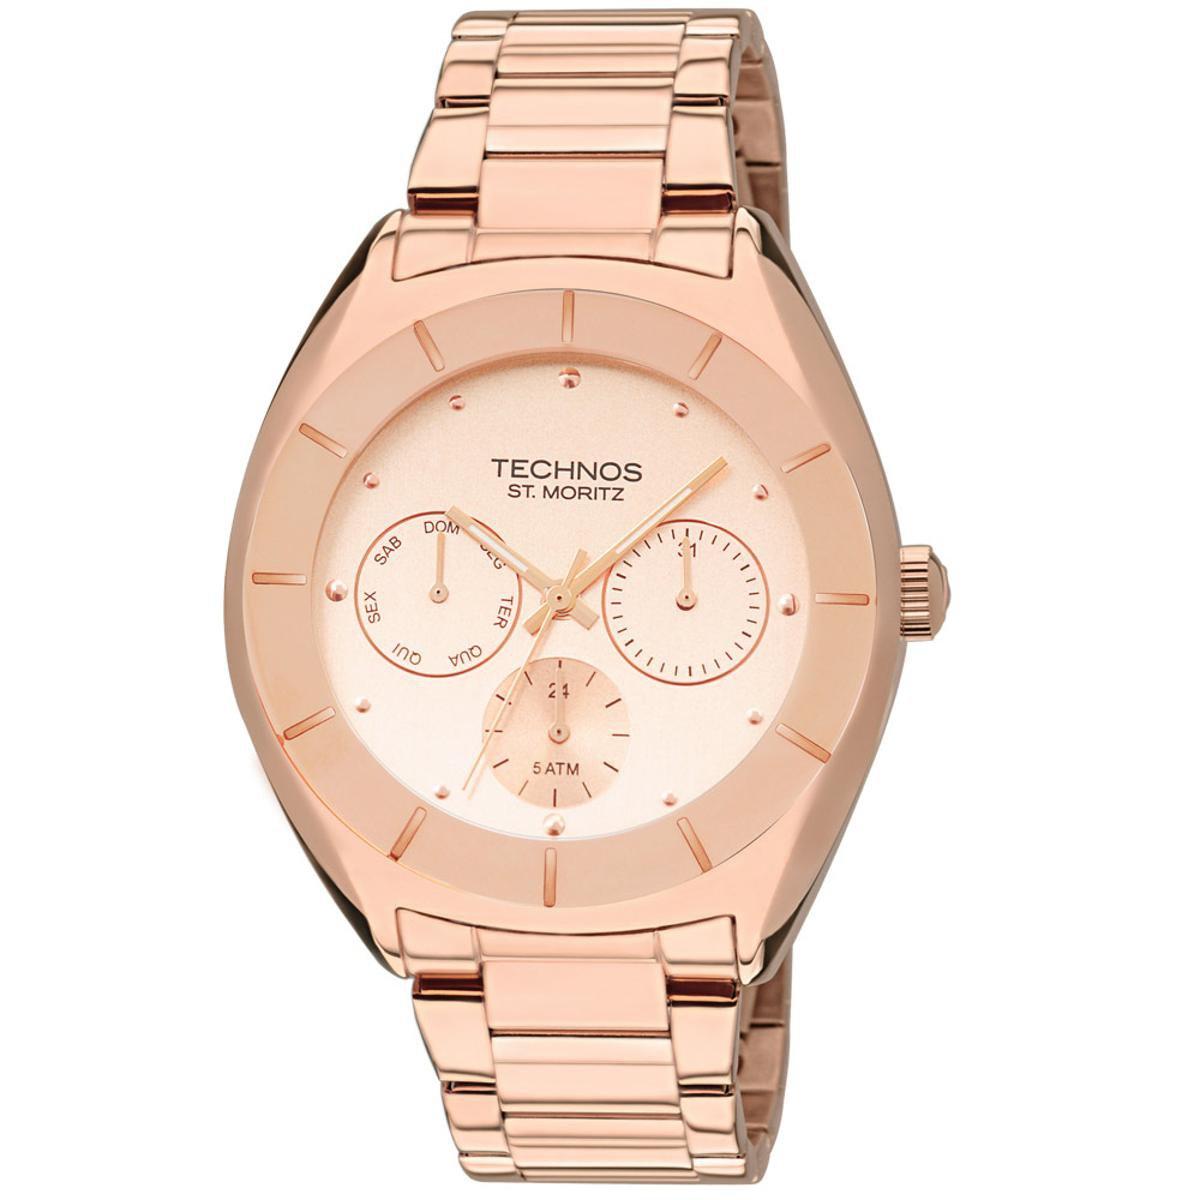 21f36a7a03b Relógio Technos Feminino Rose Gold - 6P29AEZ 4T 6P29AEZ 4T - Compre Agora